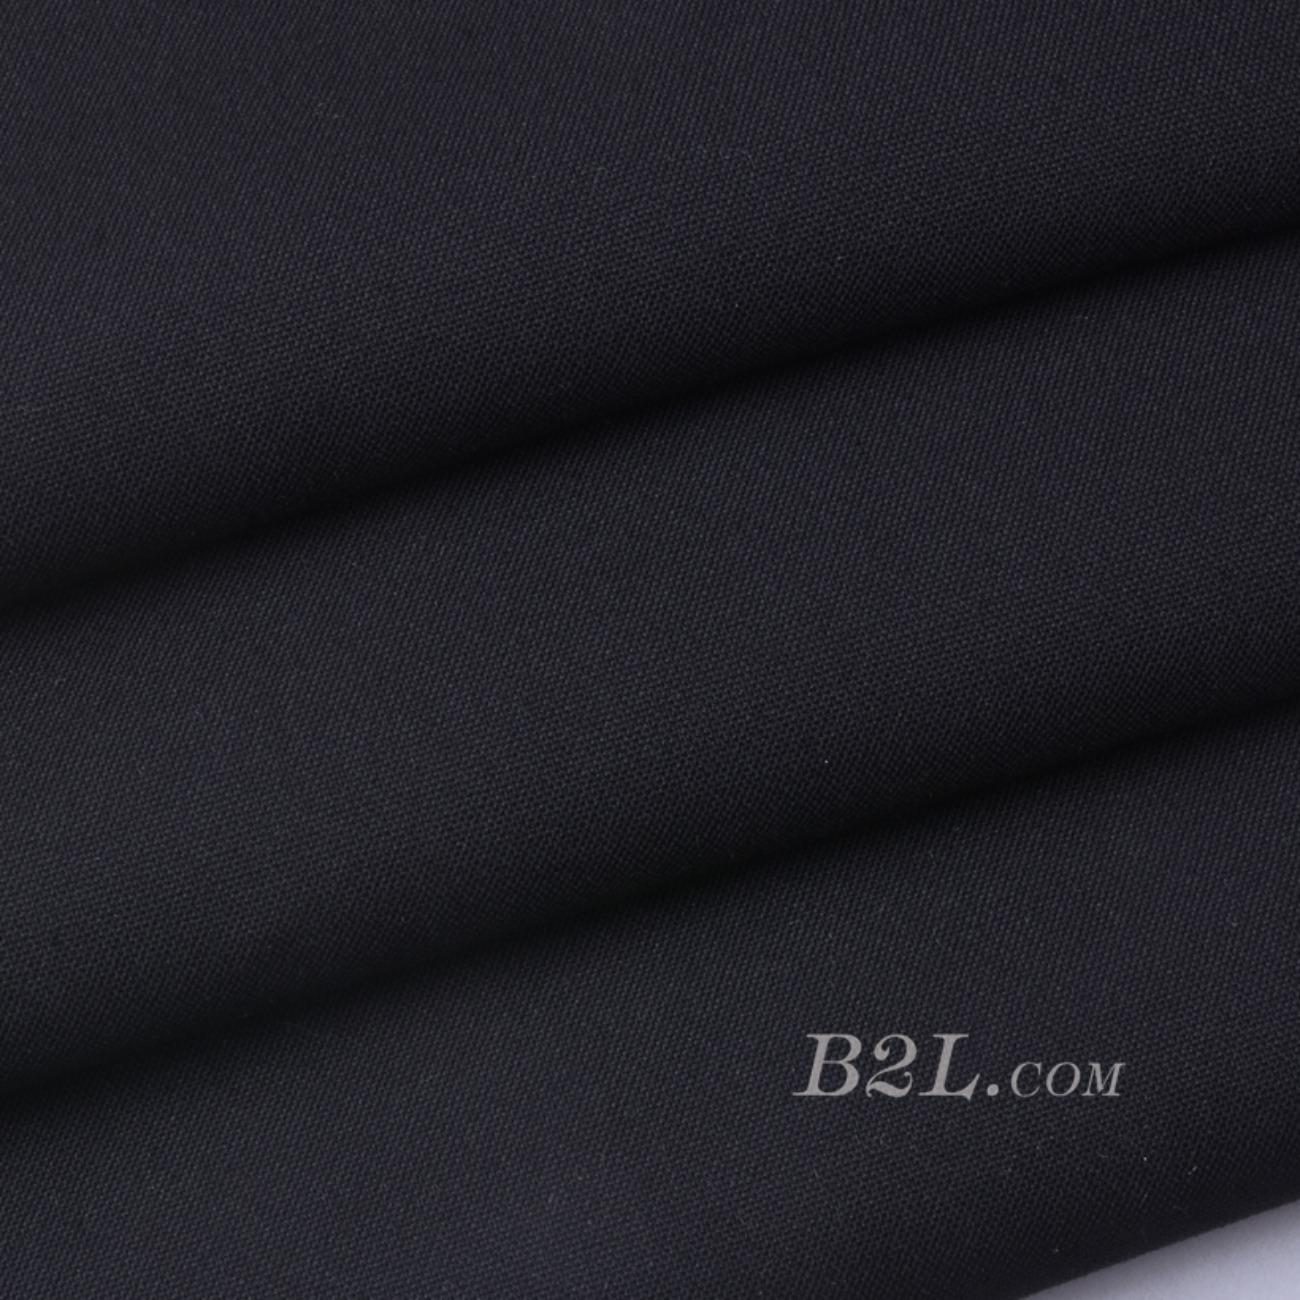 素色 梭织 染色 春秋 裤装 外套 卫衣 91005-3-1